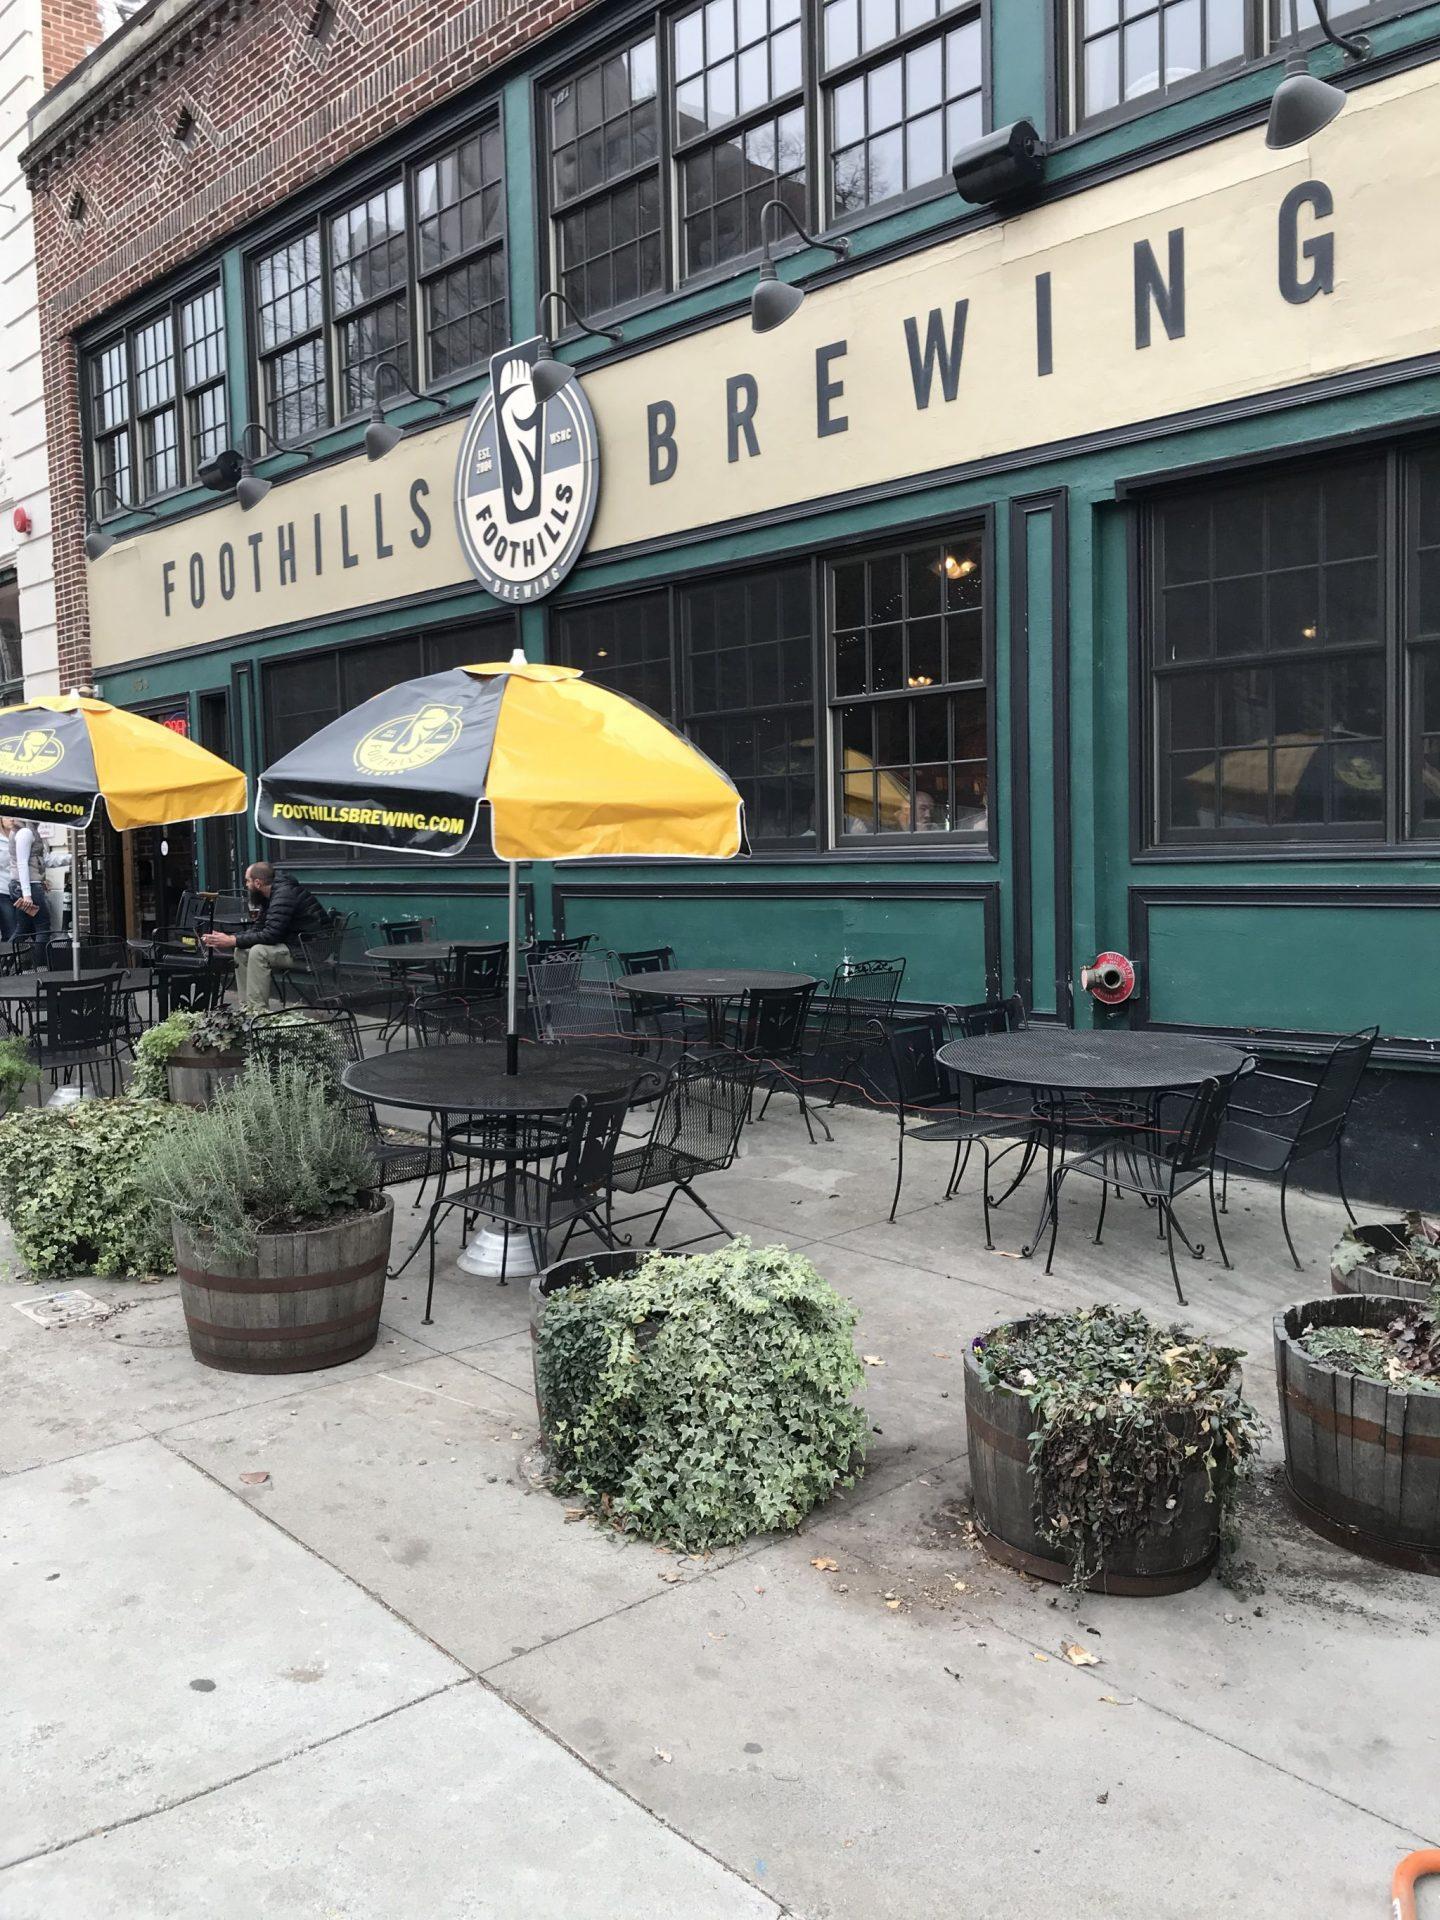 foothill brewery - Winston Salem - Lauren Schwaiger Travel Blog